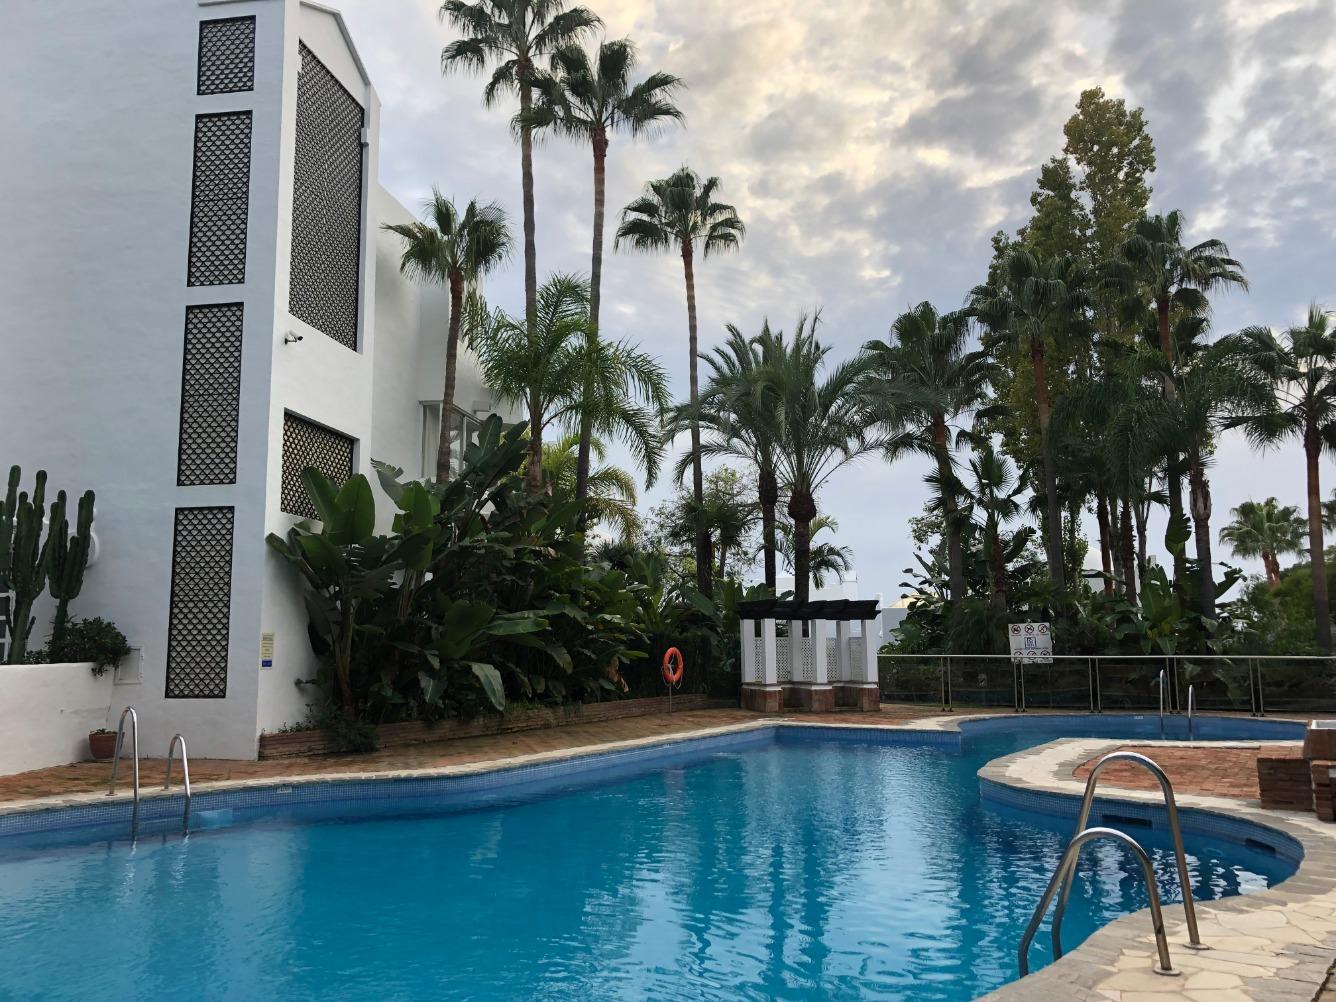 Piso en alquiler  en Urbanización Eden Hills, Marbella